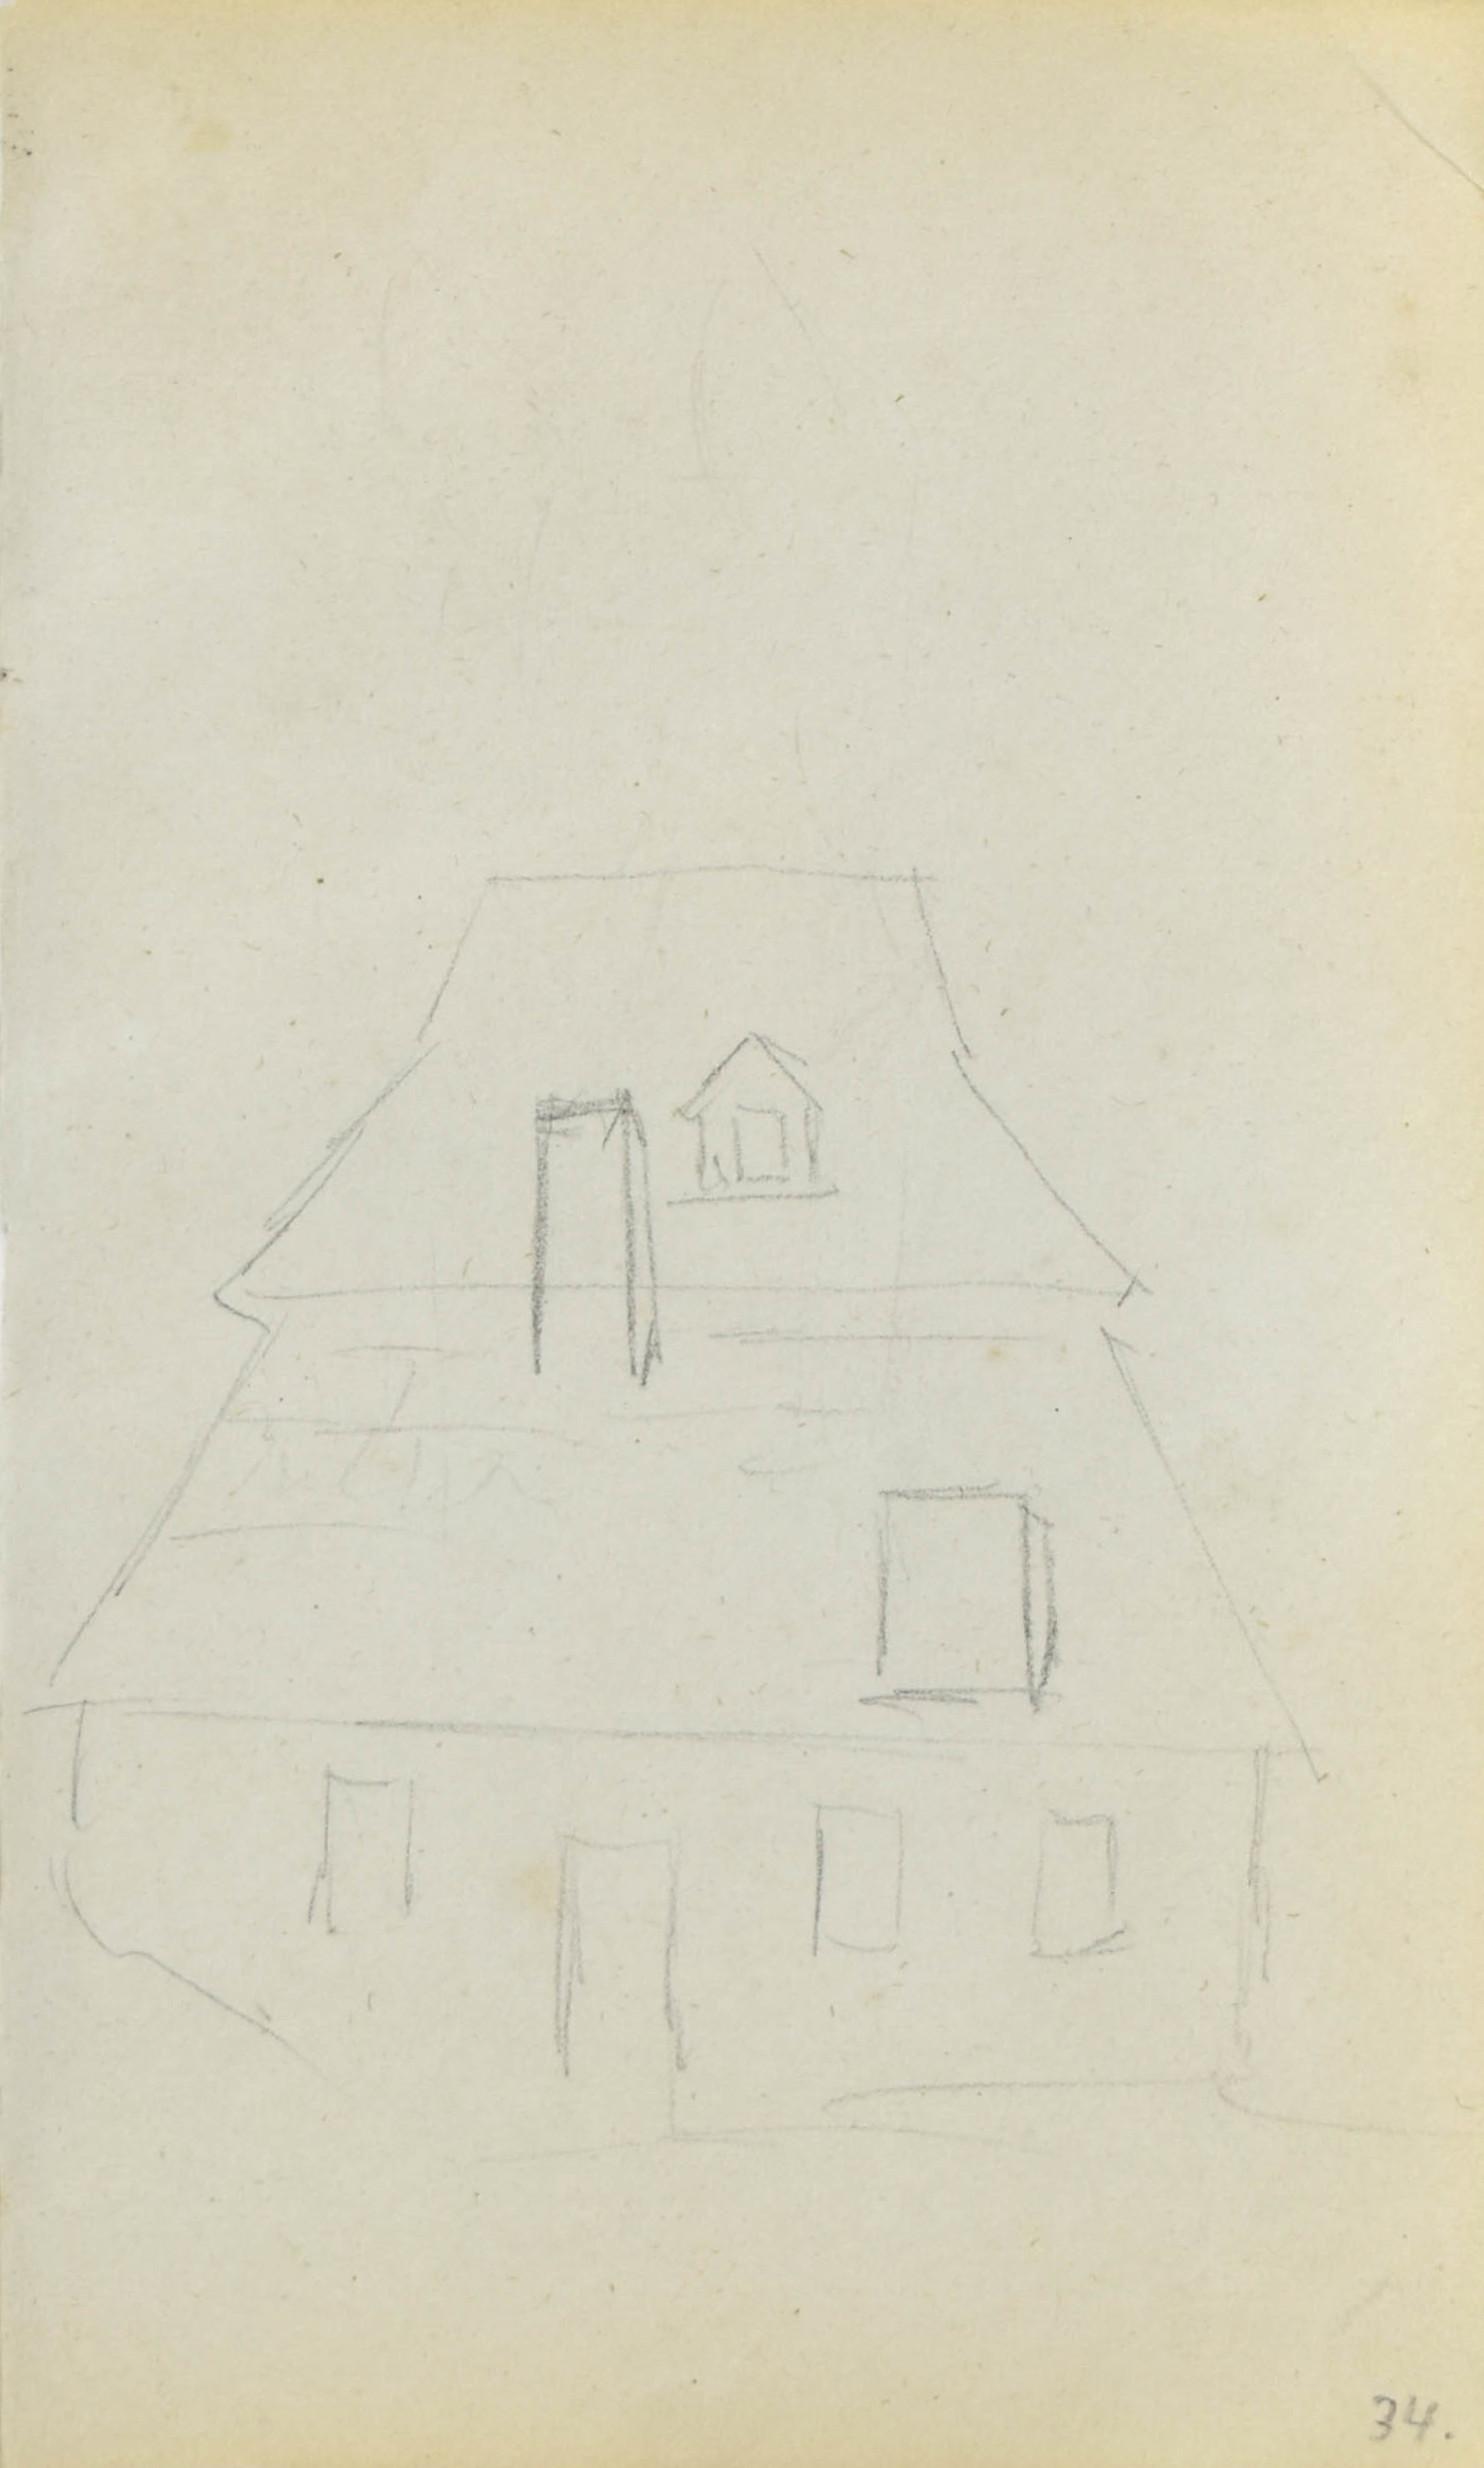 Szkic góralskiego domu z łamanym dachem